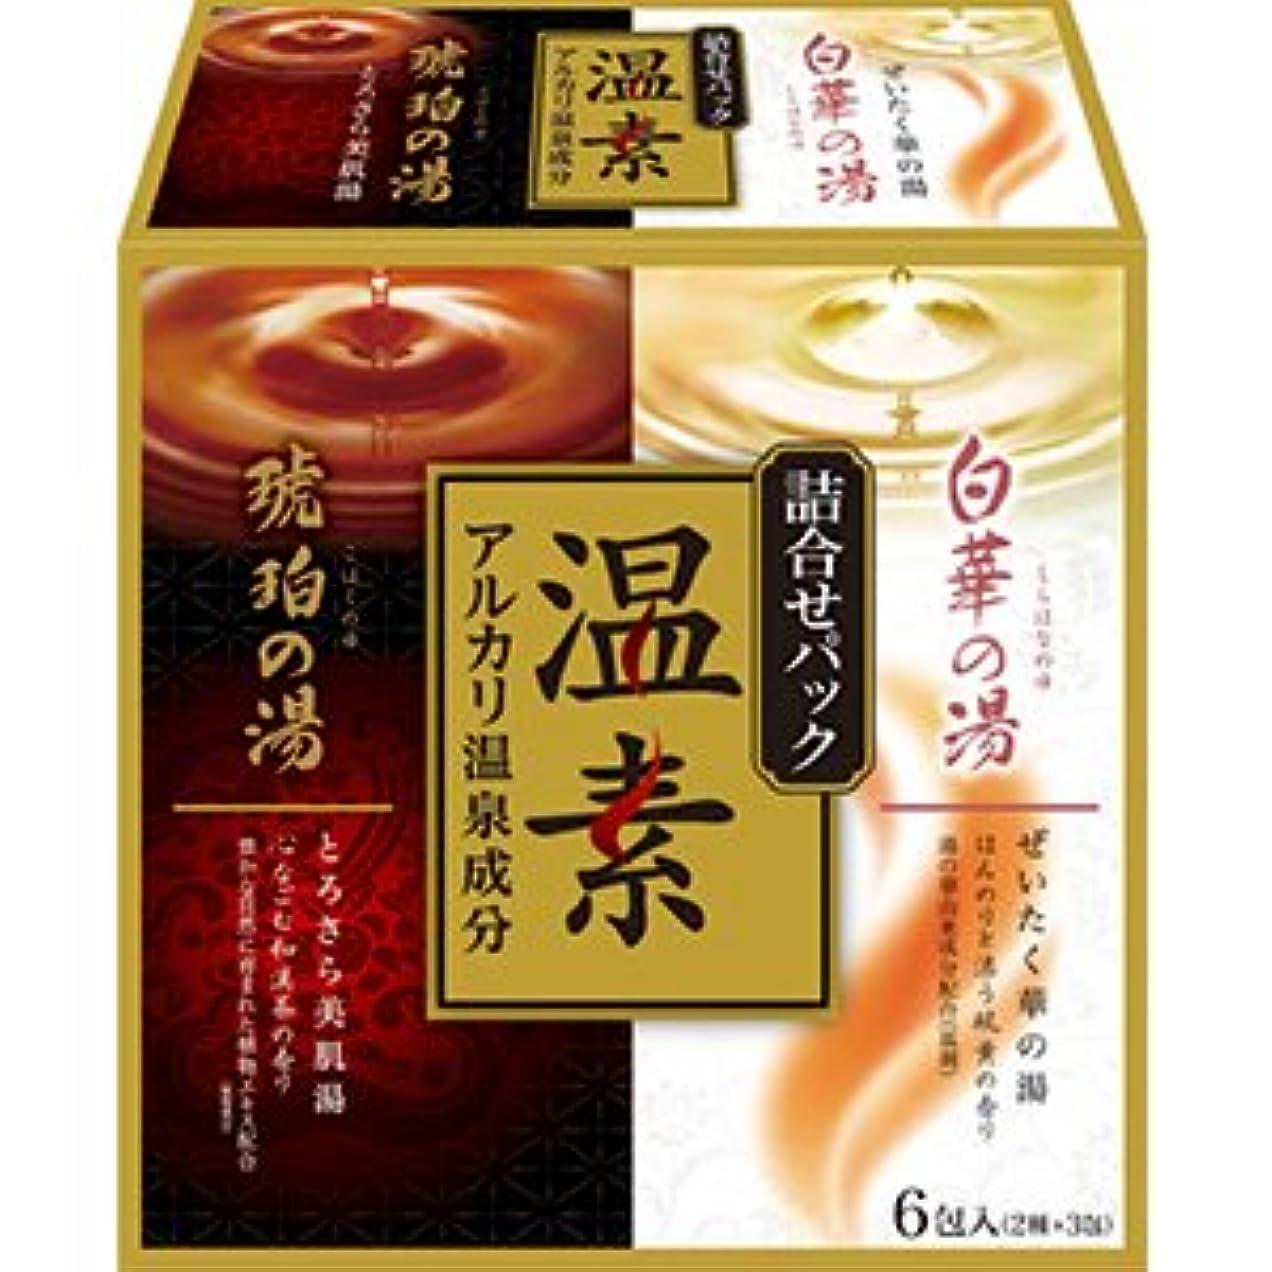 温素 琥珀の湯&白華の湯 詰合せパック × 16個セット